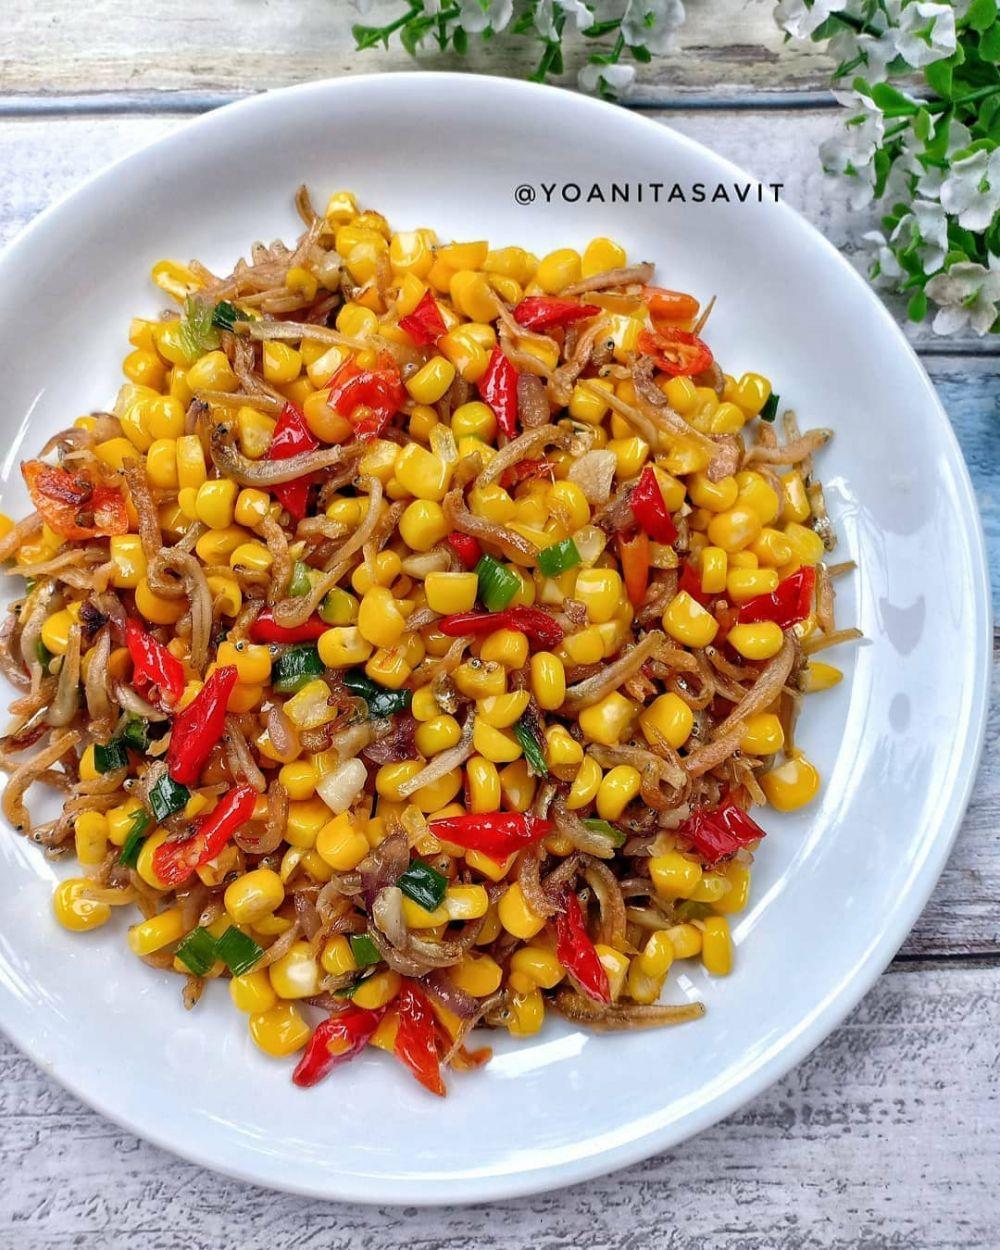 Resep kreasi sayur dan teri © Instagram